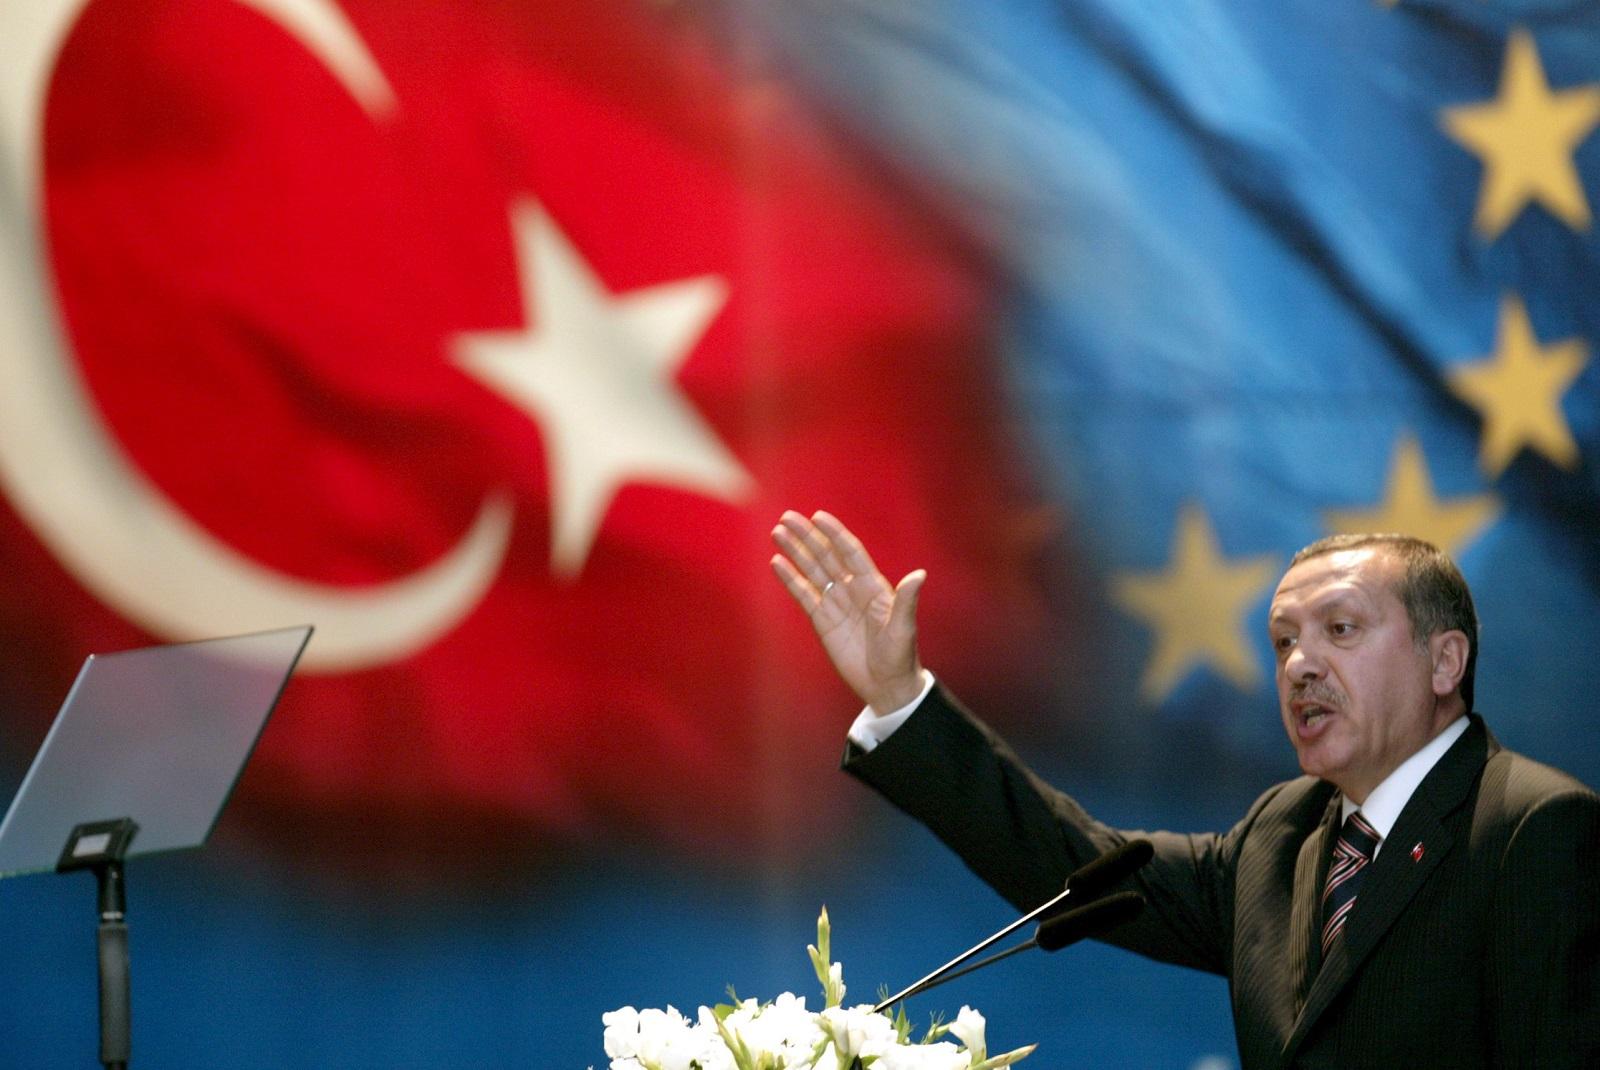 صورة تصريحات لأردوغان بشأن رفع القيود بهذا التاريخ والأولوية لهذه الولايات